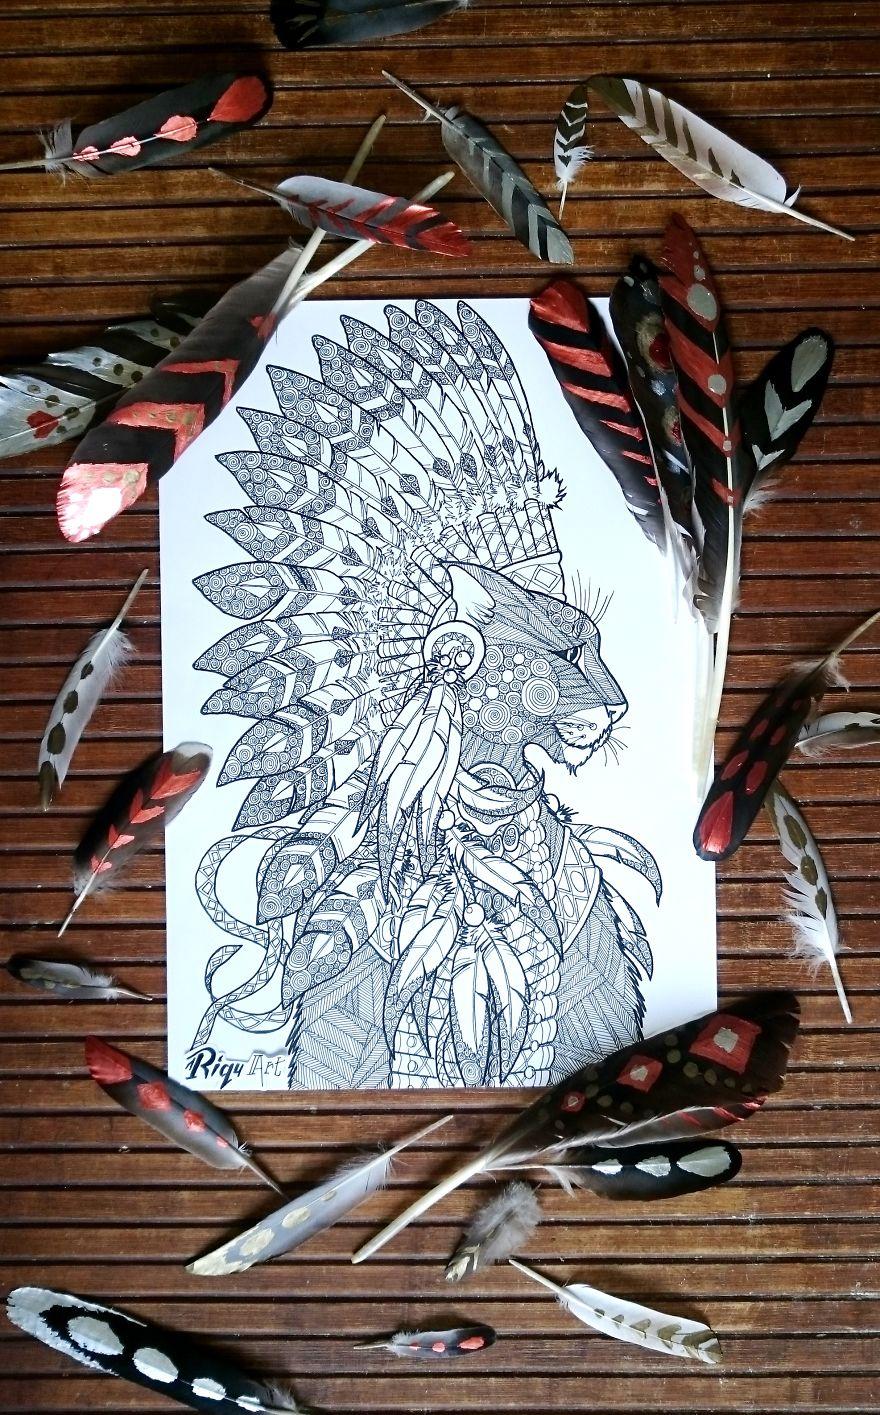 Vaa - Chief